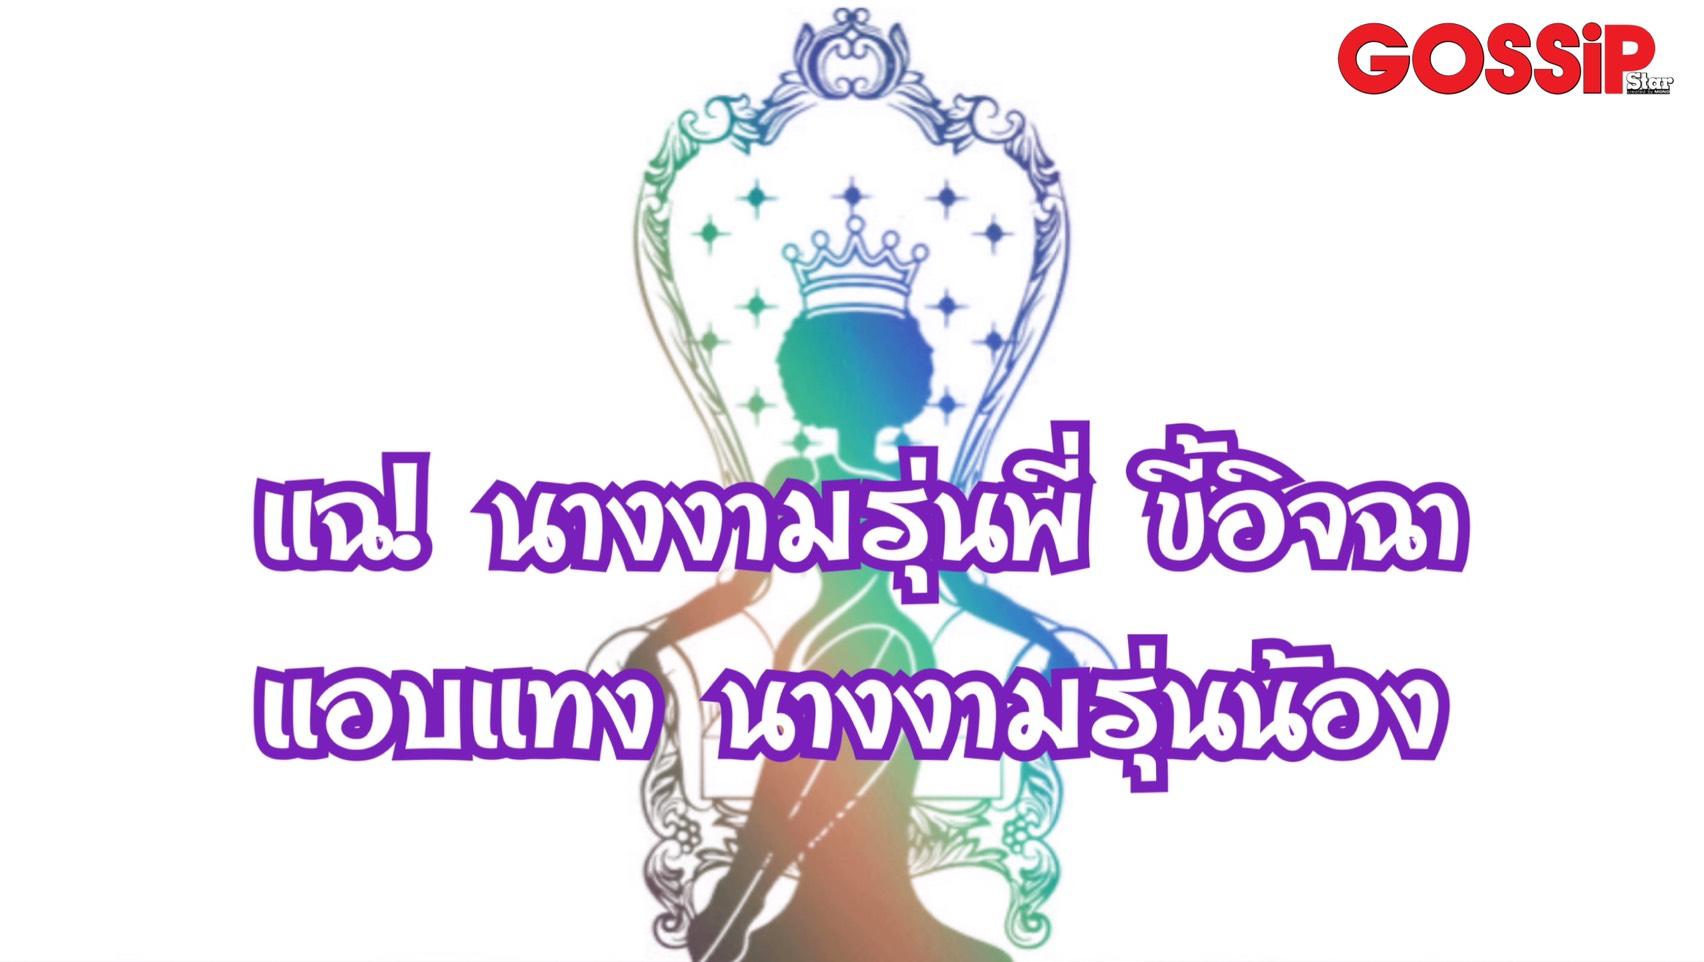 นางงาม นางสาวไทย สงครามนางงาม เจ๊หว่างคะขา แฉดารา Gossip Star แฉดาราอักษรย่อ